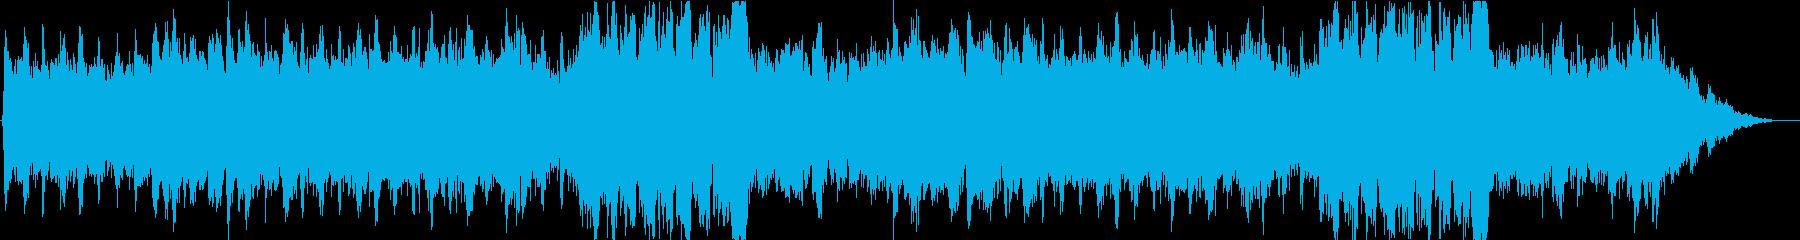 冒険飛行(壮大)【オーケストラ】の再生済みの波形